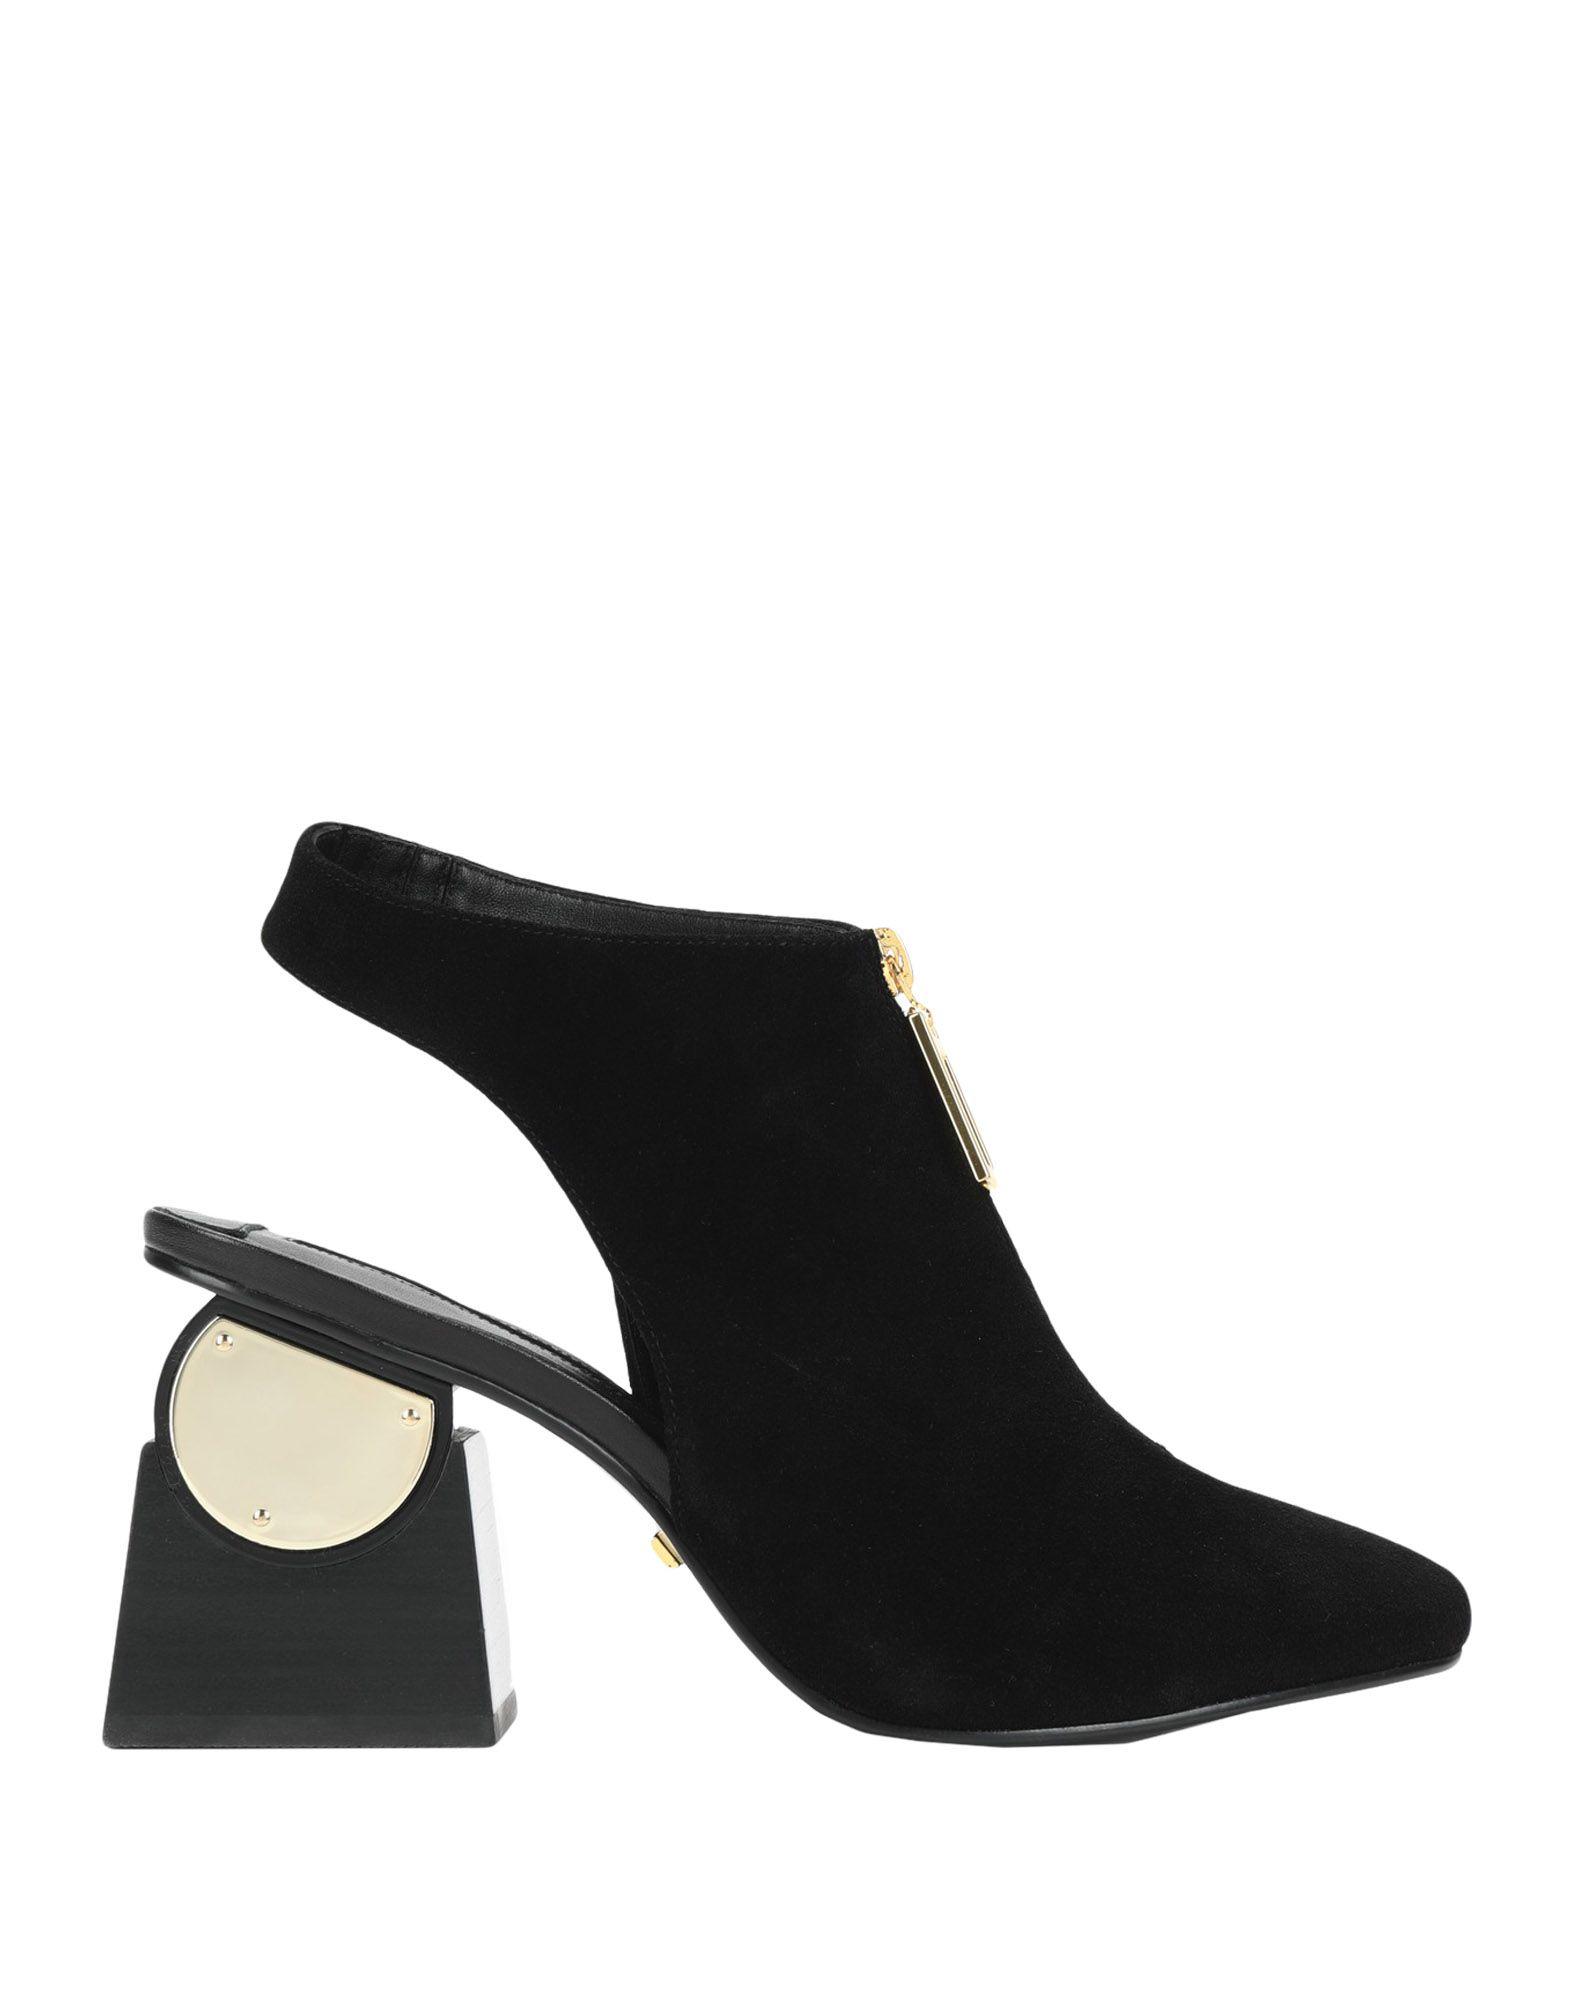 570cf4145f2 Купить женская обувь KAT Maconie с бесплатной доставкой по России. Более  261 моделей в наличии Страница 2 Одежда и обувь в интернет магазине.